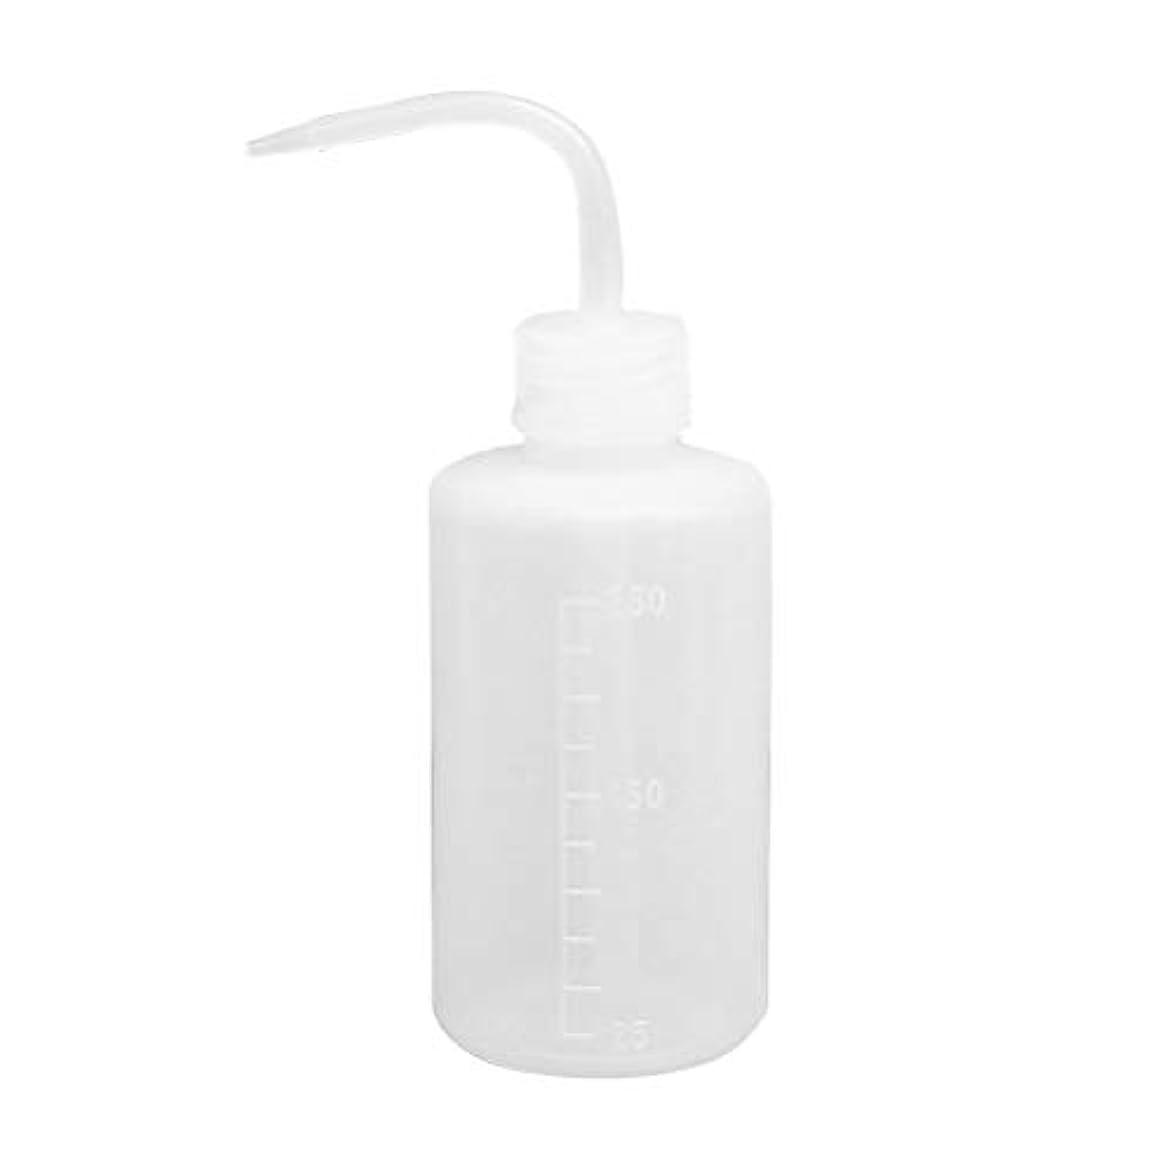 障害ブラウズフルーツHealifty ベント口付き洗浄瓶絞り瓶250ml